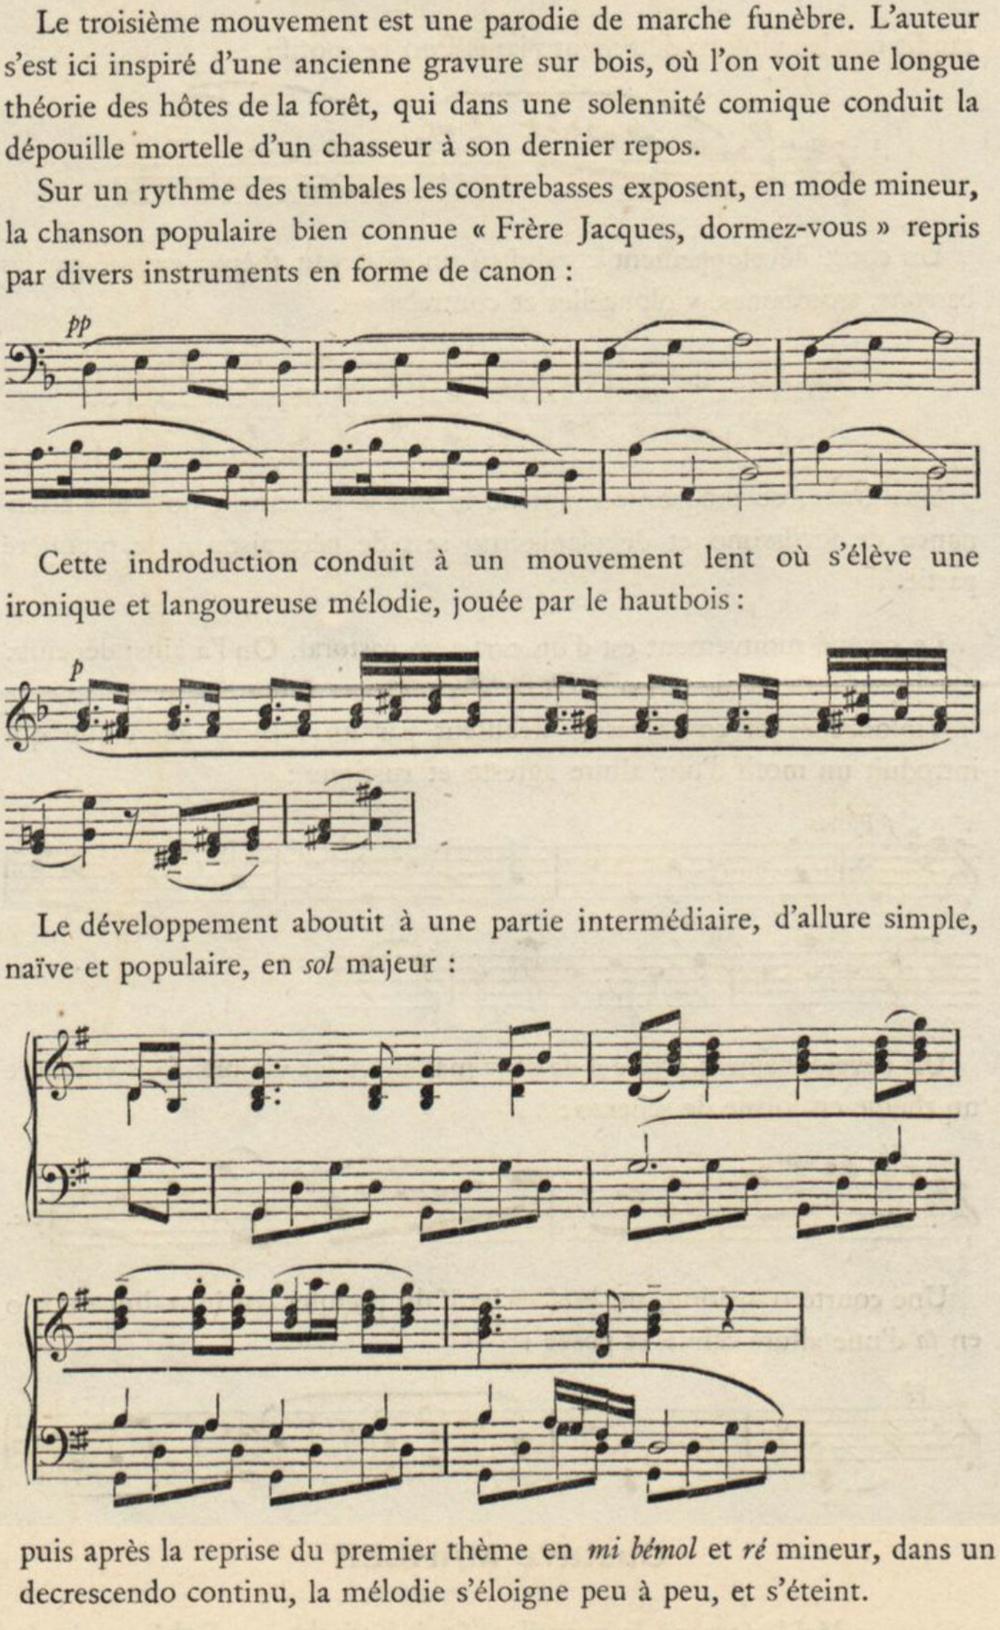 cité de la brochure-programme d'un concert donné le 14 janvier 1911 à Genève, http://d-lib.rism-ch.org/onstage/?page=CH_Gc_prg_08-0341